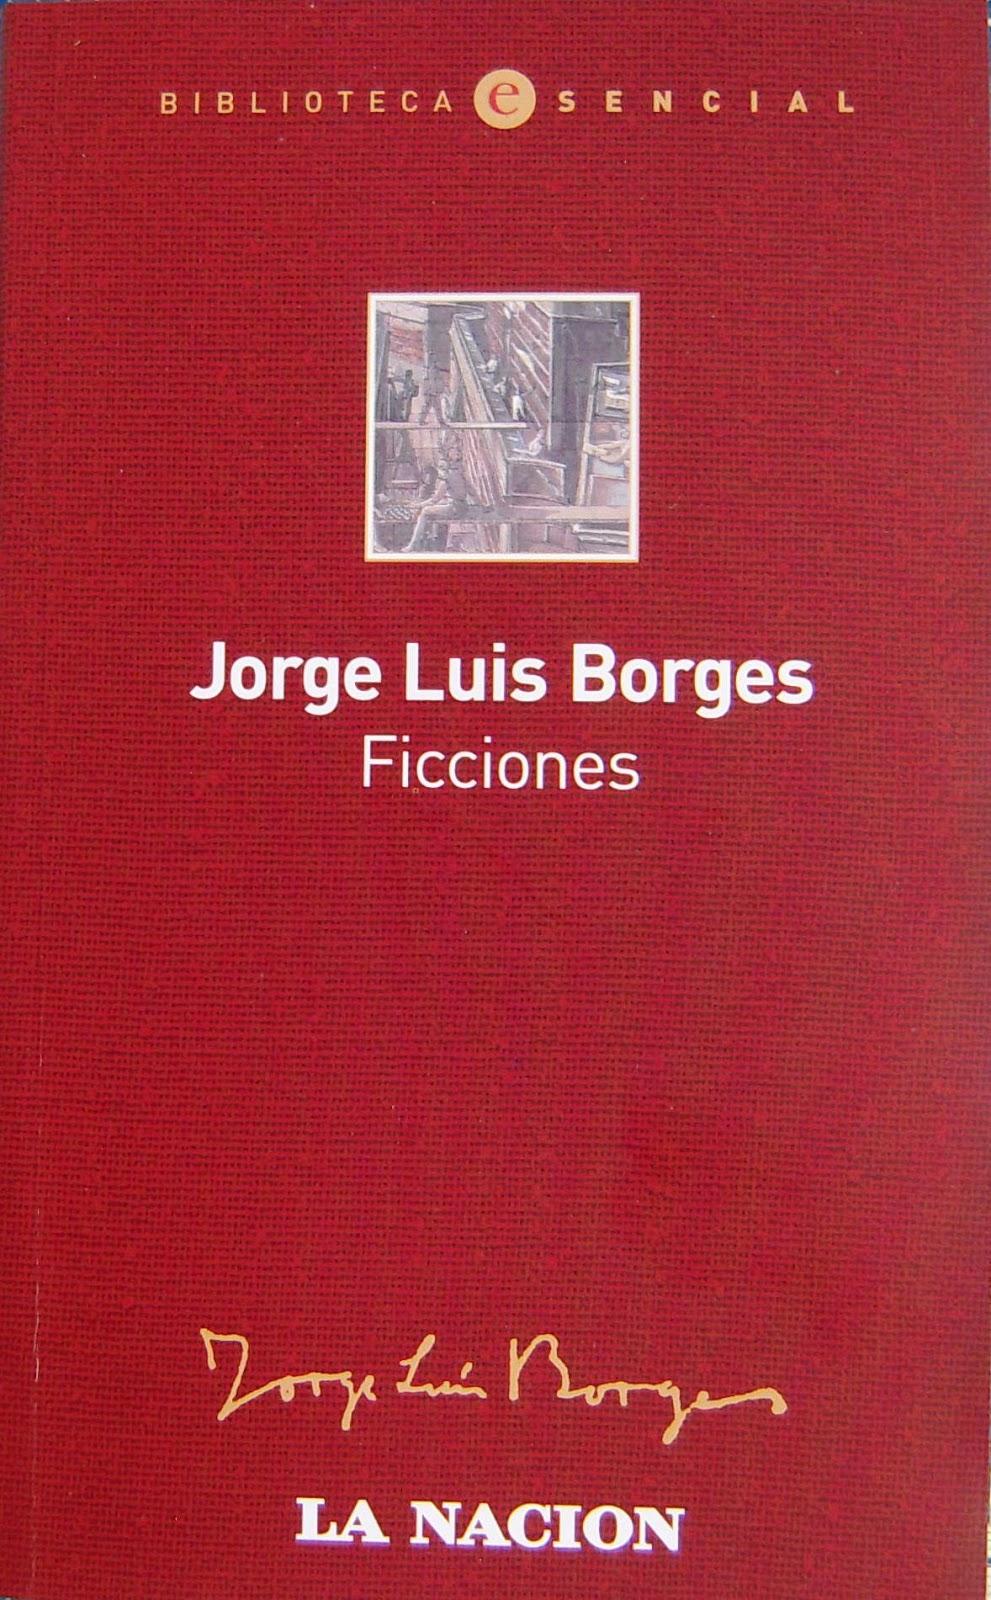 Libros en Estéreo: Laberinto literario. Ficciones, Jorge